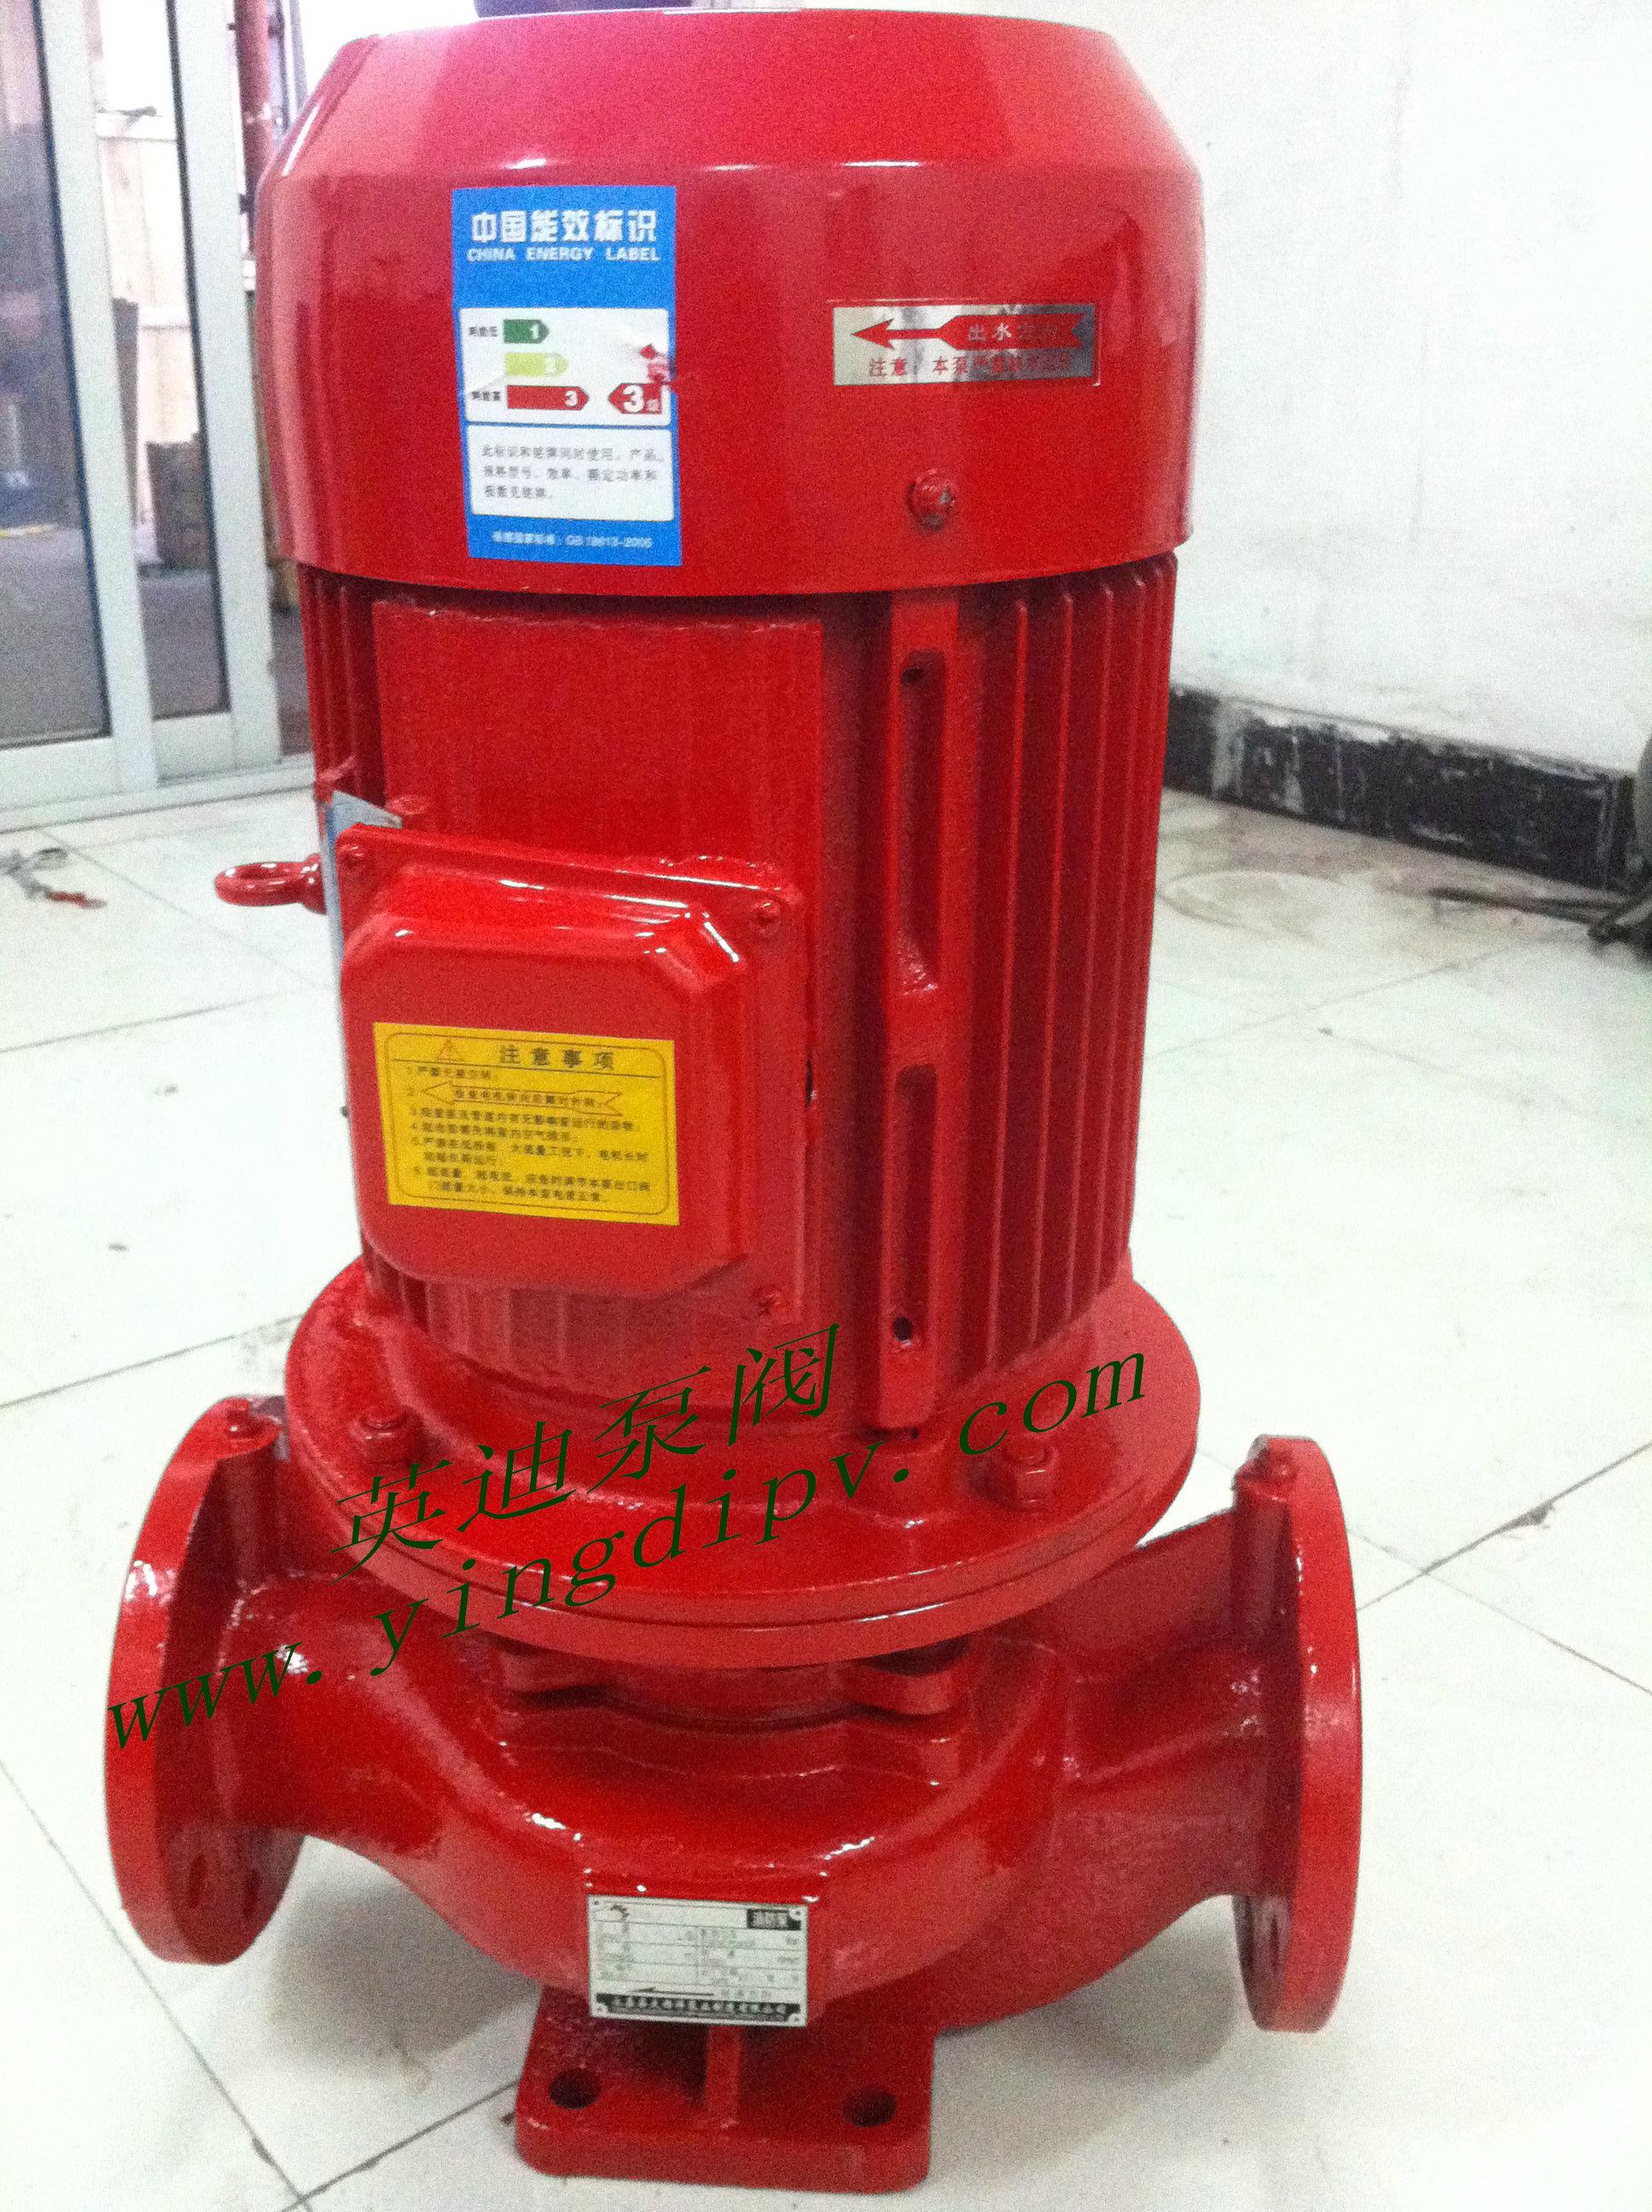 --安装说明:   1、安装时管路重量不不应承受在泵上,否则易损环水泵; 2、泵瑟电机是整体结构,出厂时已由厂家校正,所以安装时无需调整,因此安装时十分方便; 3、安装水泵前应仔细检查泵流道内有无影响水泵运行的硬质物,(如石块、铁砂等)以免水泵运行时损还过流部件; 4、安装进必须拧紧地脚螺栓,且每间隔一事实上时段应对泵过行检查防止其松动,以免水泵起动时发生剧烈振动而影响的性能; 5、为了维修方便和使用安全,在泵的进出口管路上安装一只调节阀及在泵进出口附近安装一只压力表,对于高扬程,为了防止水锤,还